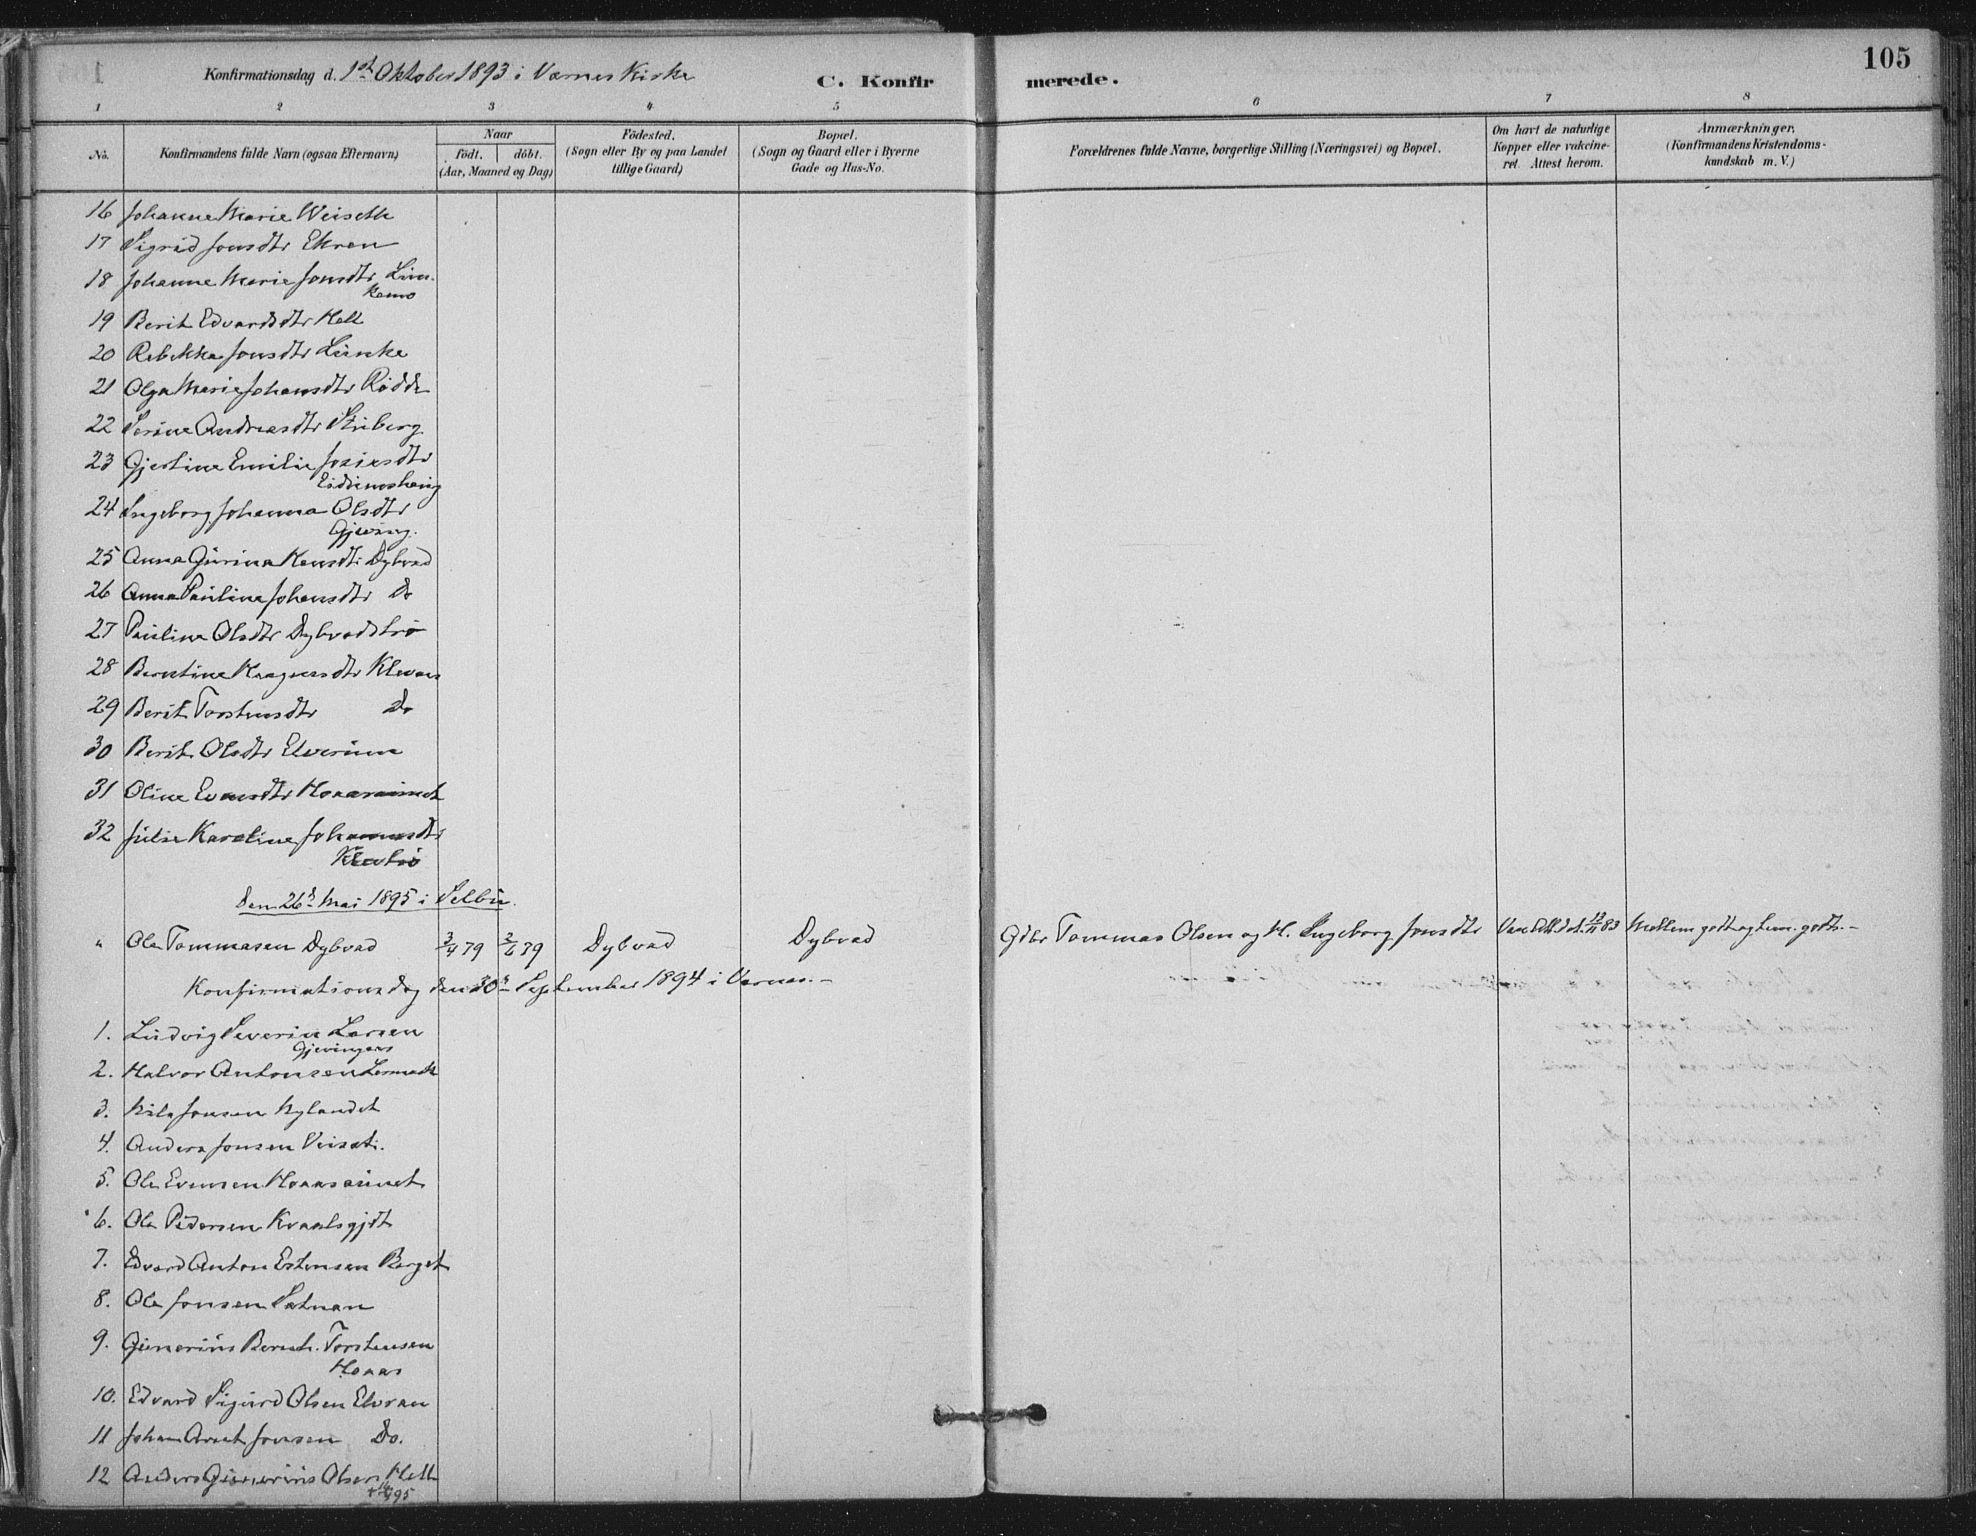 SAT, Ministerialprotokoller, klokkerbøker og fødselsregistre - Nord-Trøndelag, 710/L0095: Ministerialbok nr. 710A01, 1880-1914, s. 105